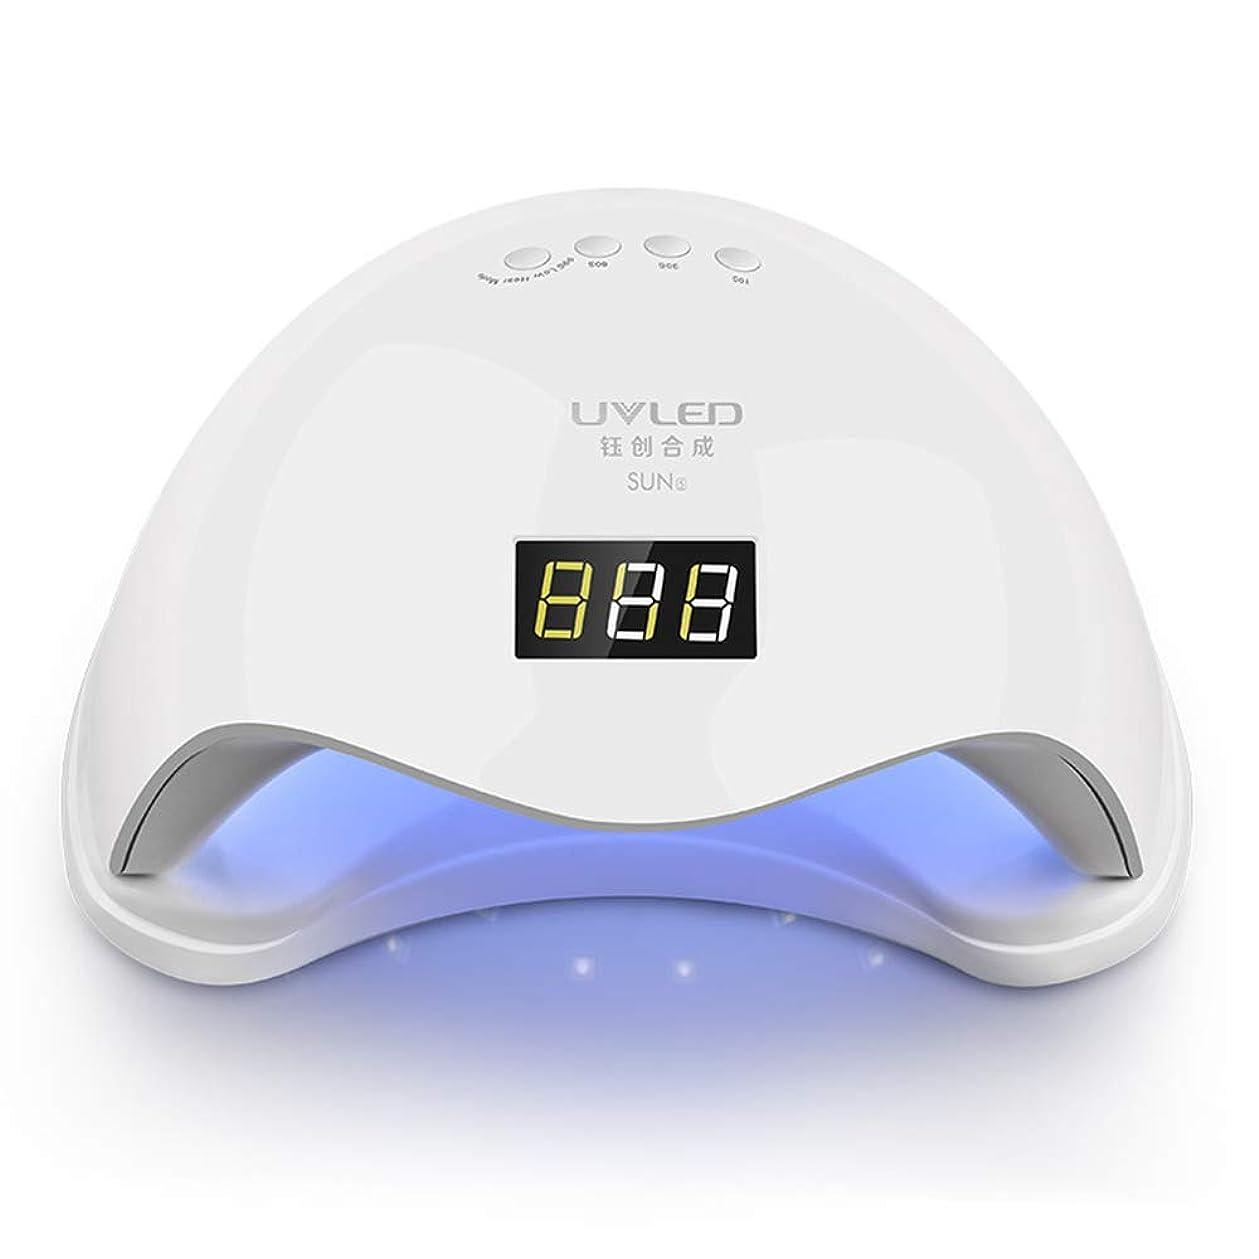 効能シェア保有者ネイル光線療法マシン - LEDライトクイックドライ誘導光線療法ライト、10秒/ 30秒/ 60秒/ 99秒時限付きネイルドライヤー - 48w / 10秒高速乾燥/ 36光ビーズ